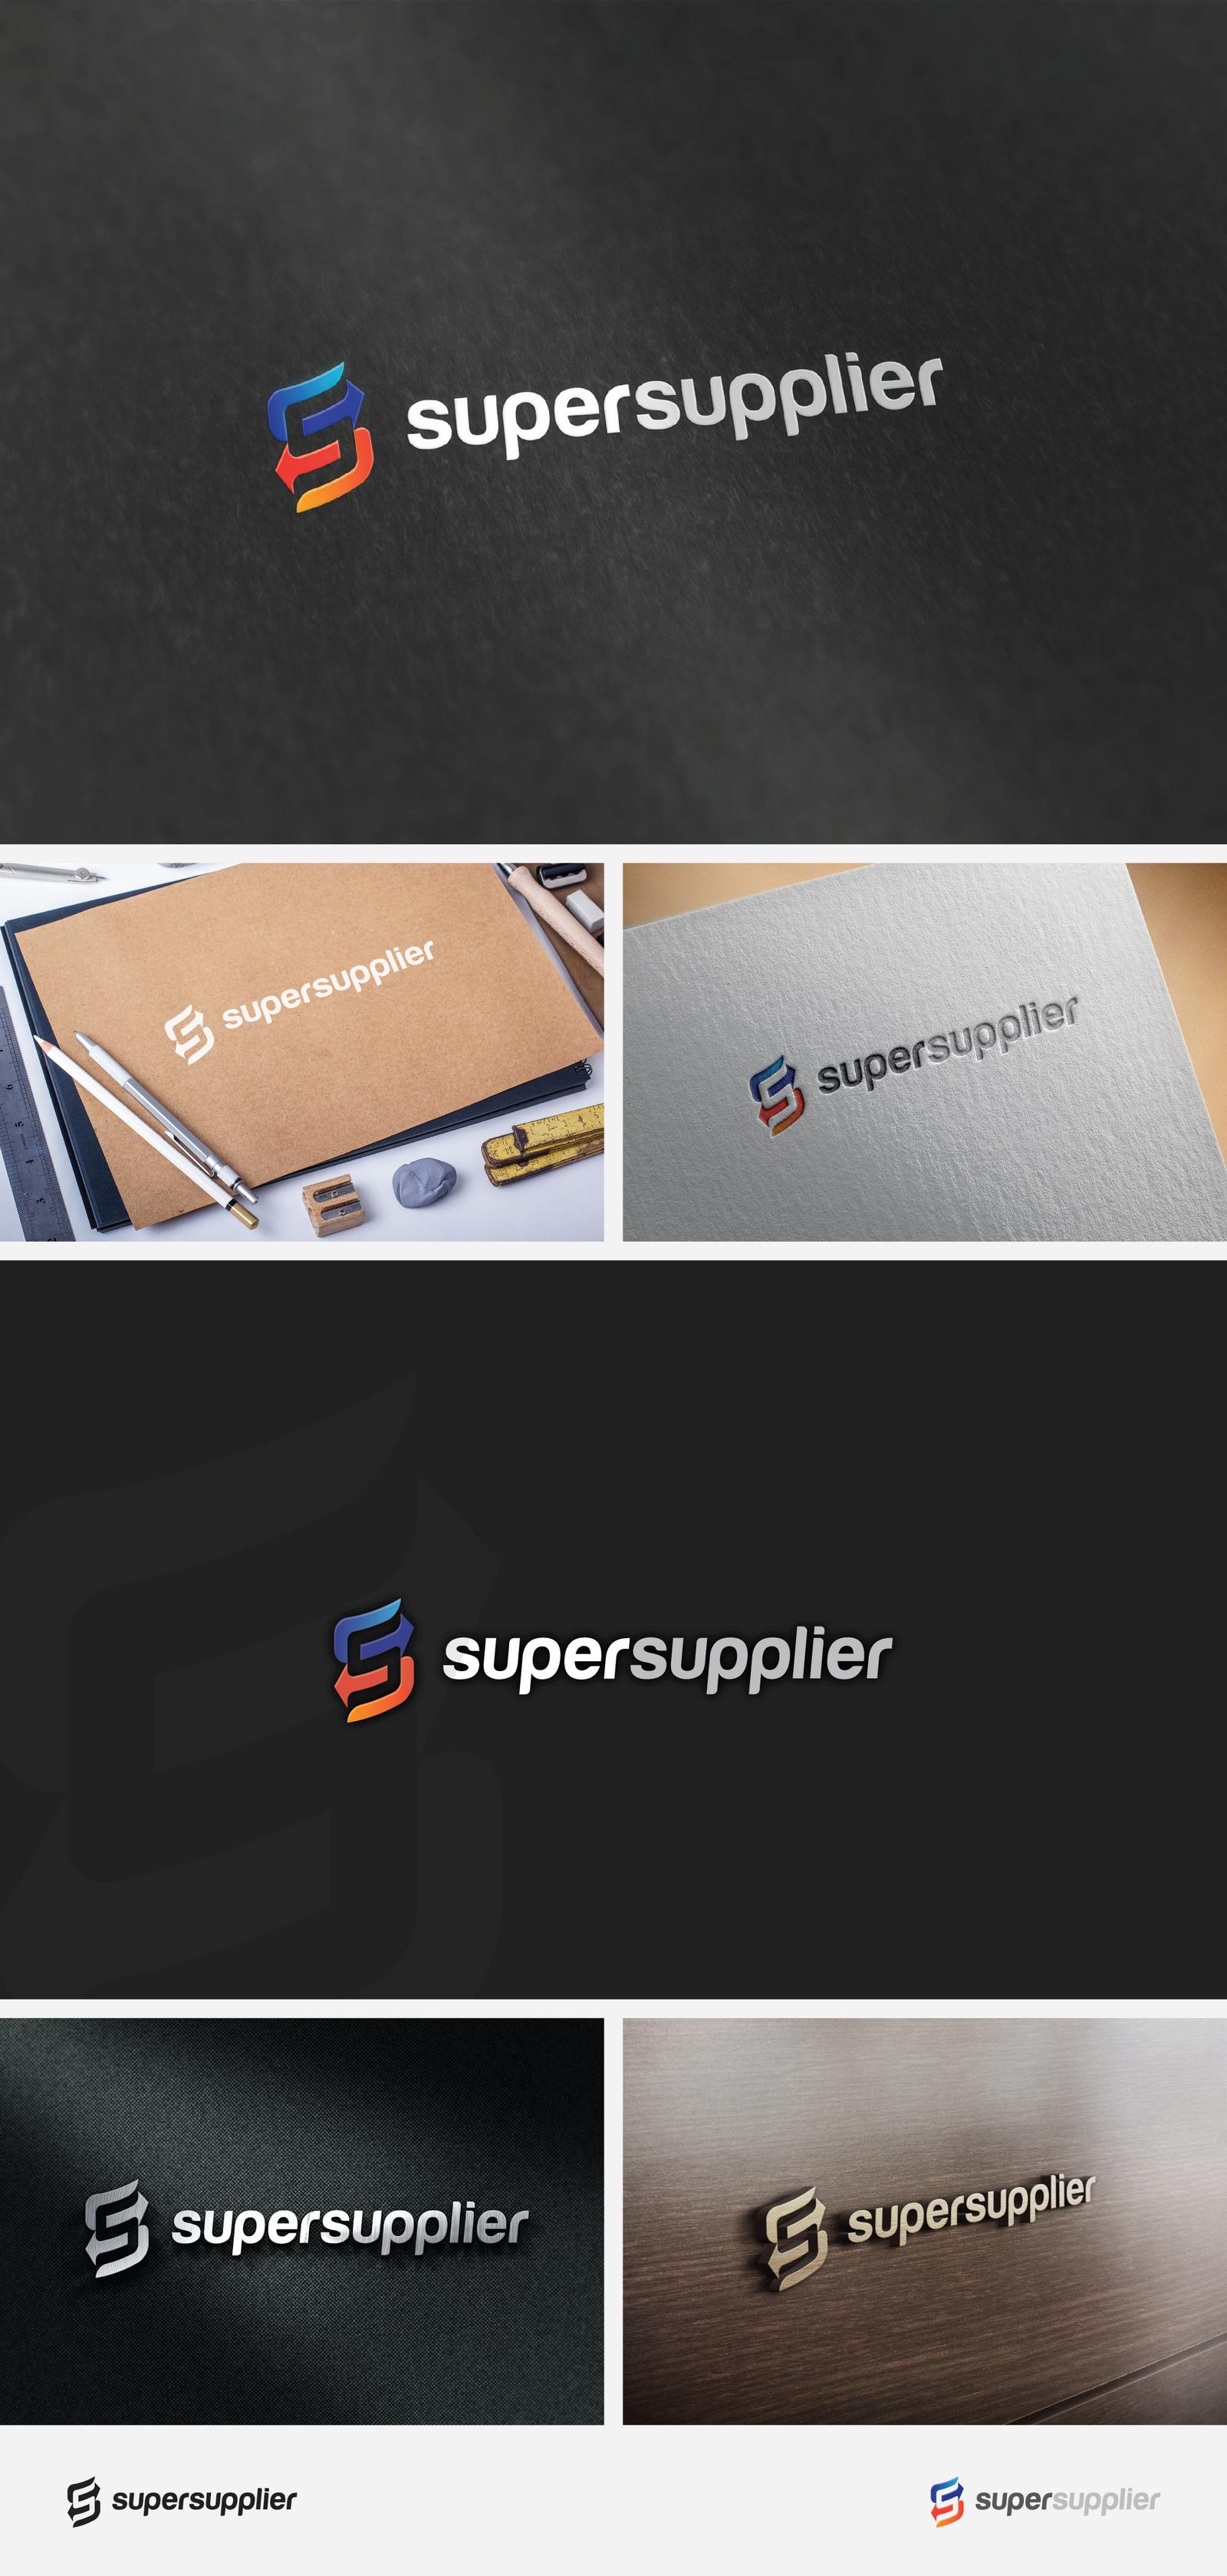 Supersupplier Logo